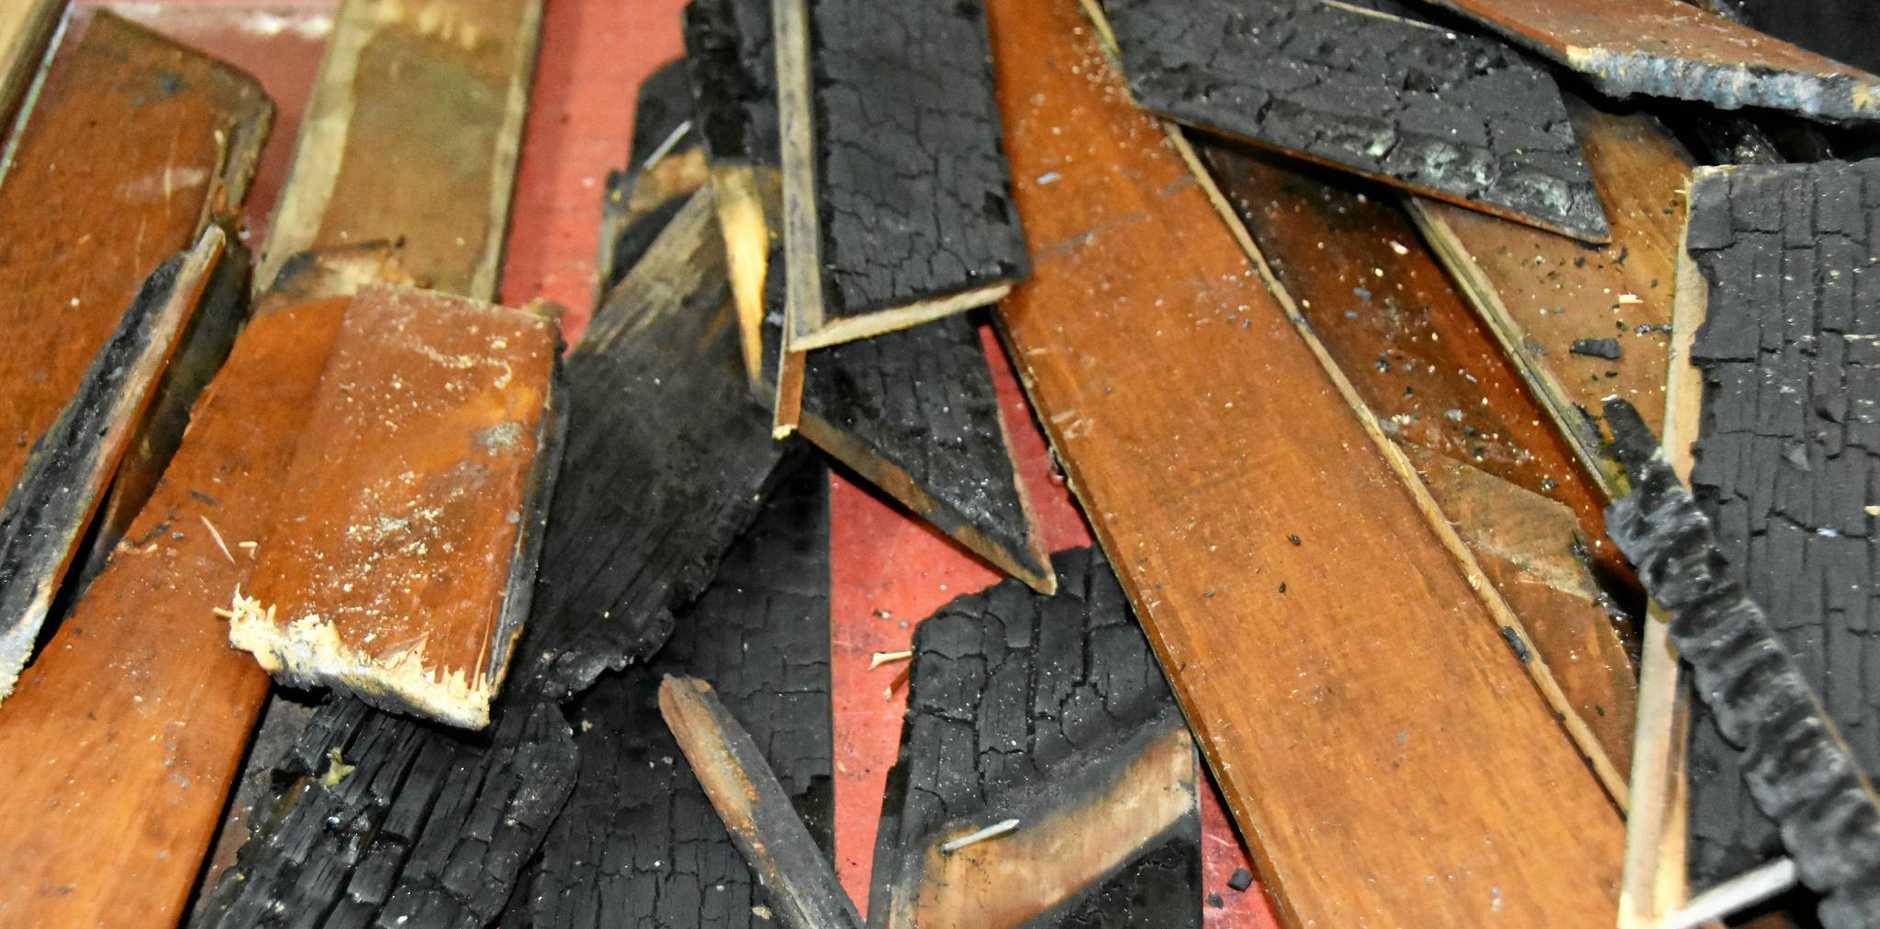 The damage caused to St Marys Catholic Church.